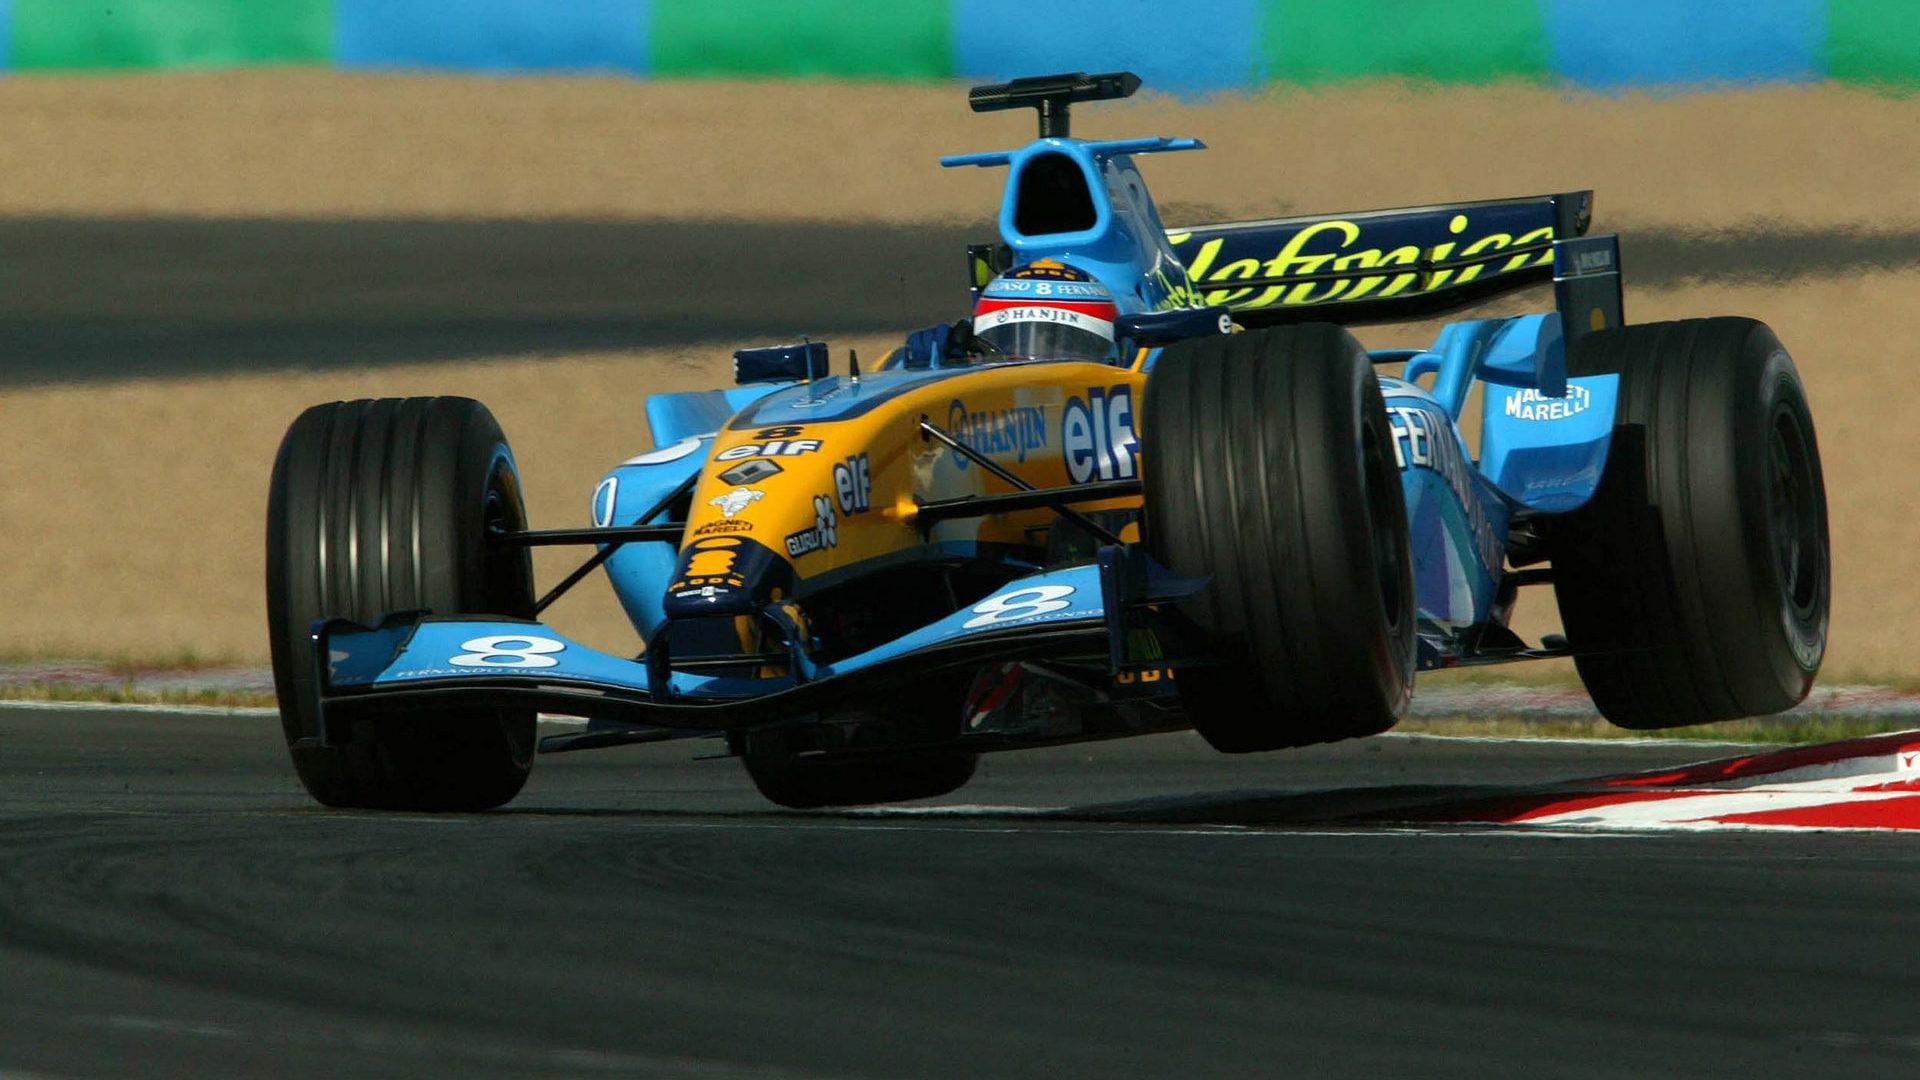 [Imagen: F1-Fansite.com-2004-HD-wallpaper-F1-GP-France_17.jpg]